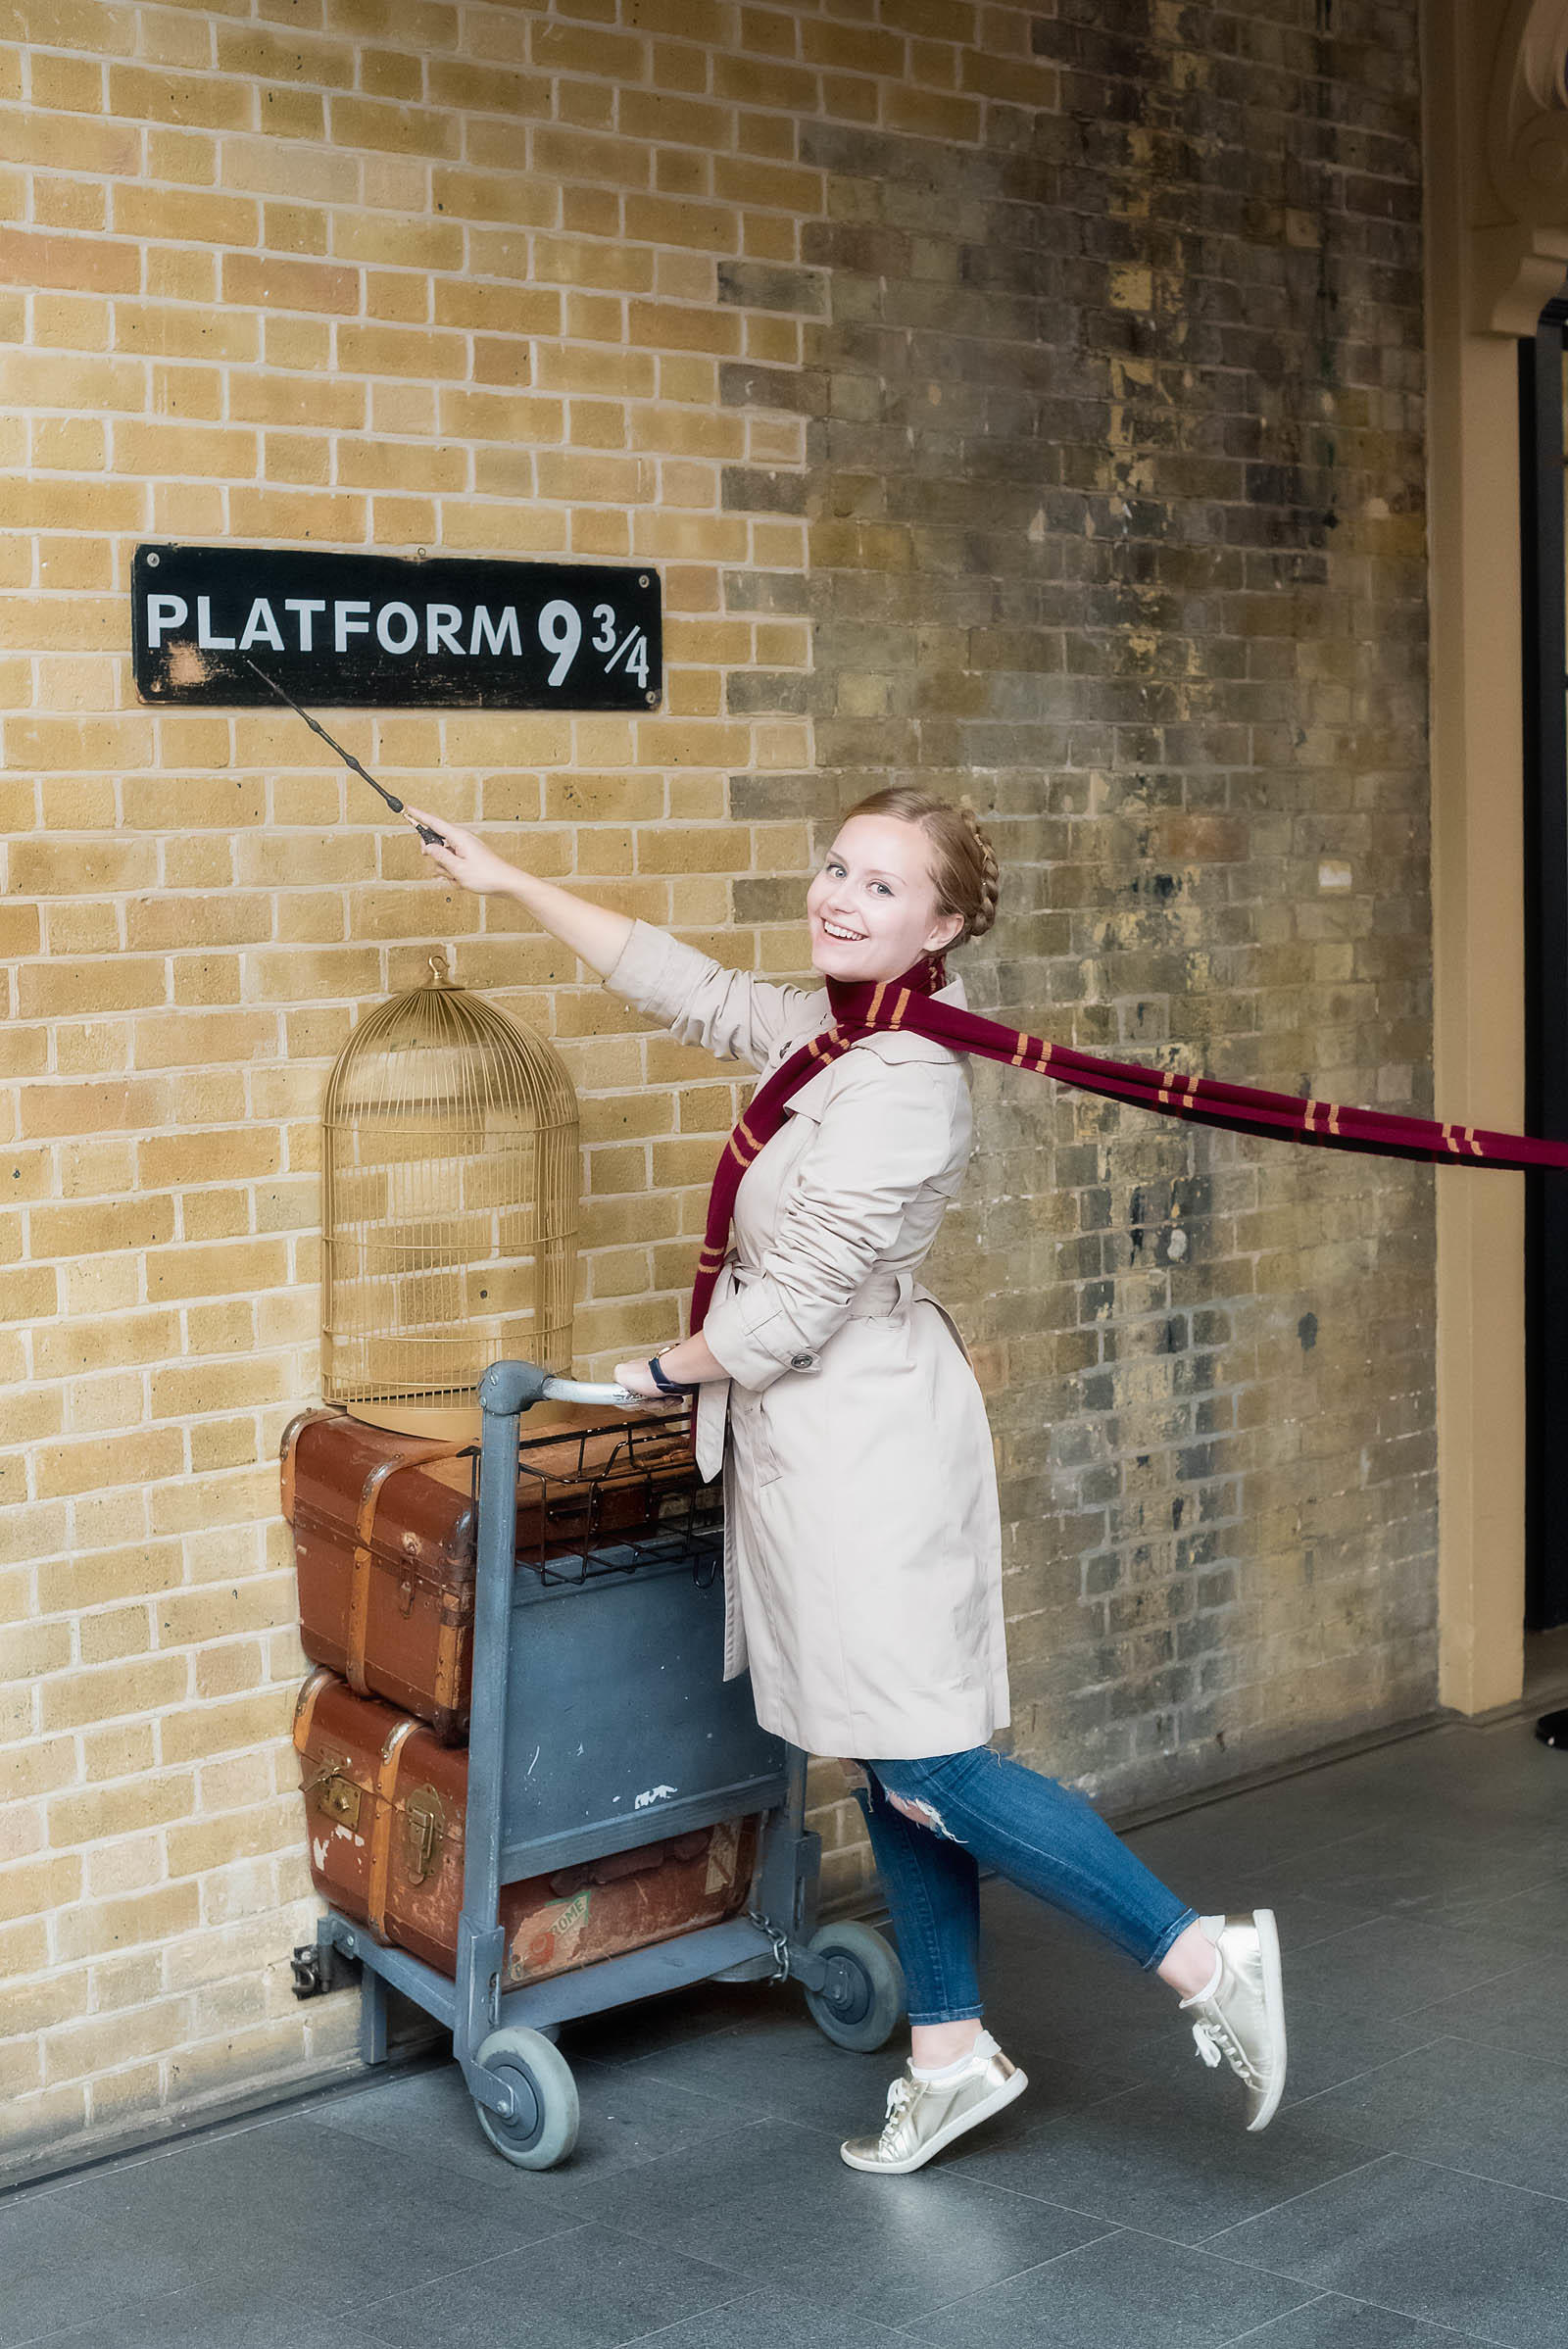 Platform 9 3/4 London King's Cross Station Harry Potter London